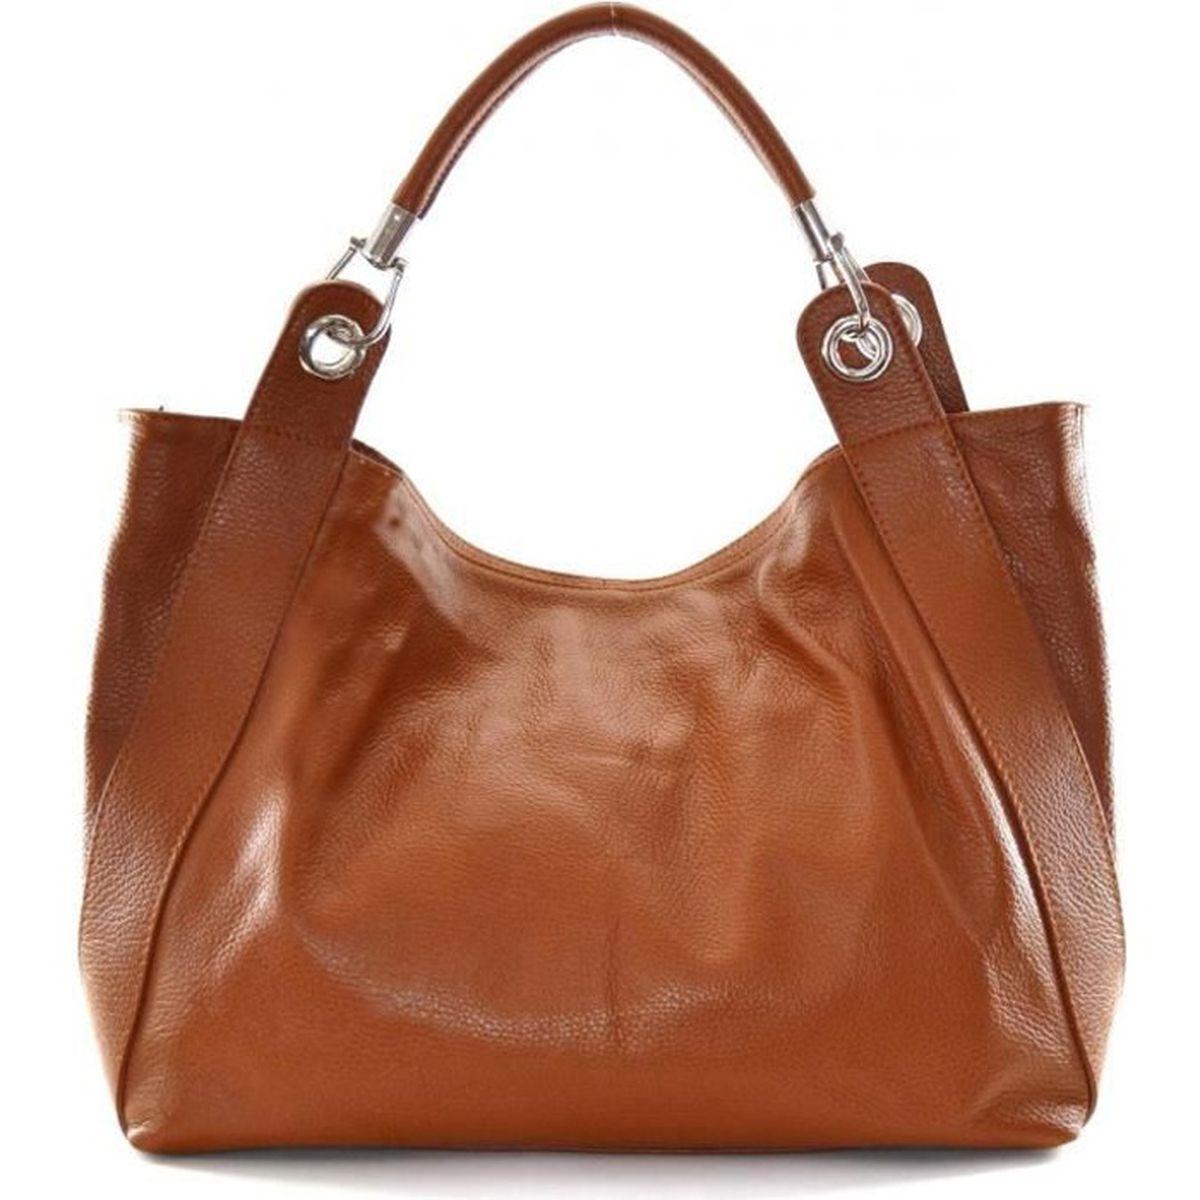 sac cuir femme cognac achat vente sac cuir femme cognac pas cher cdiscount. Black Bedroom Furniture Sets. Home Design Ideas